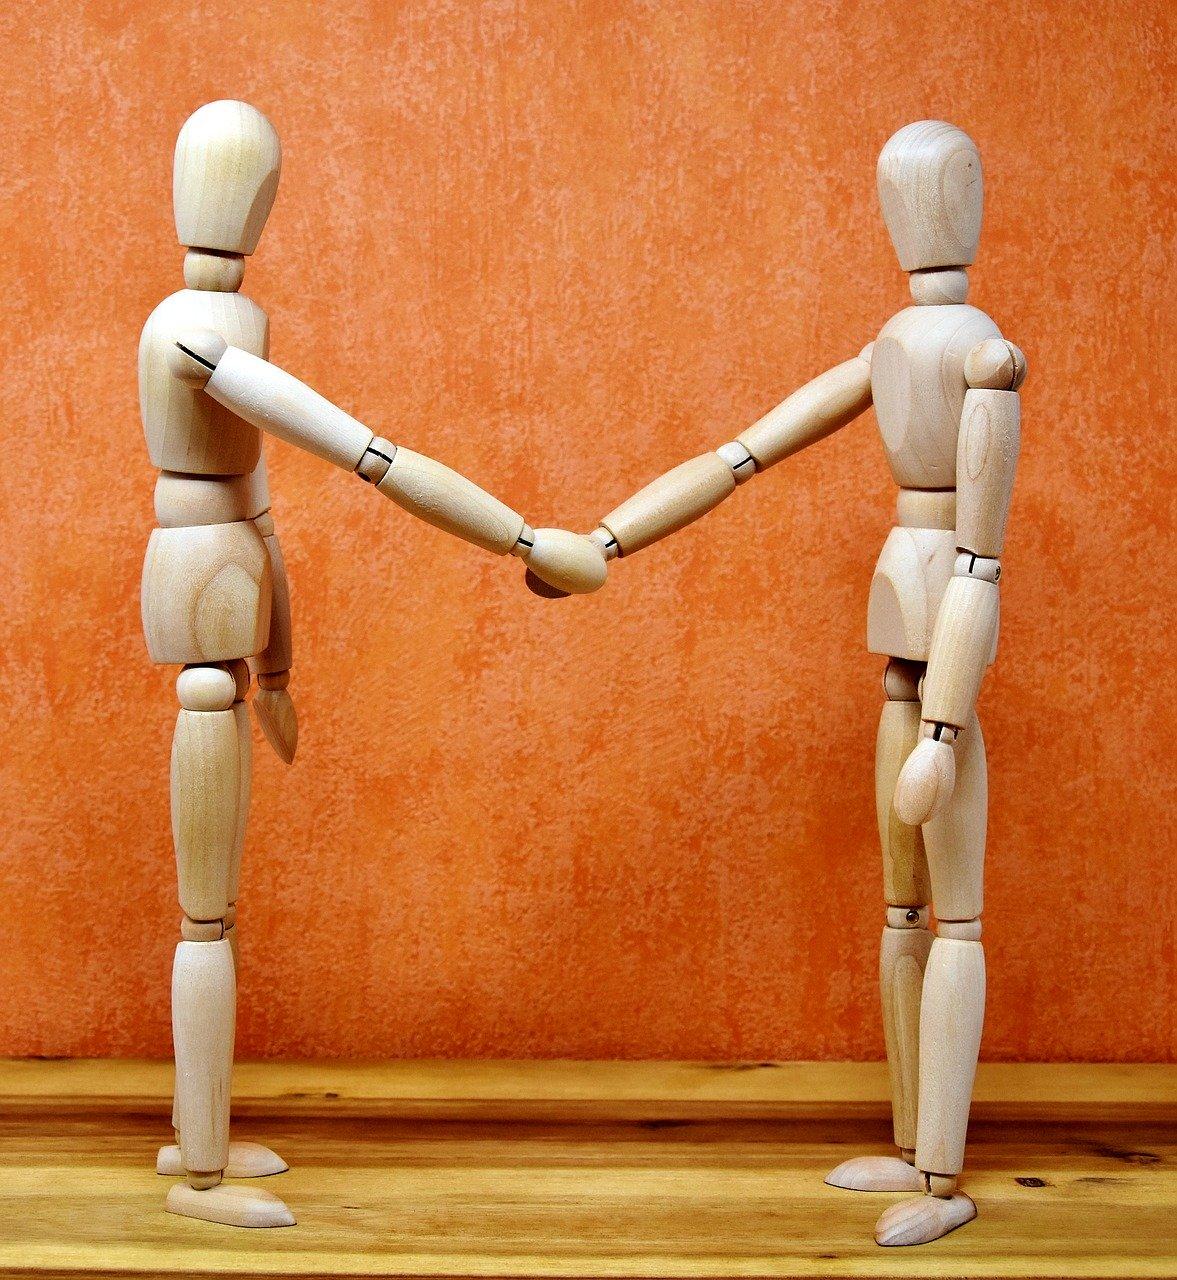 Förtroende mellan människor